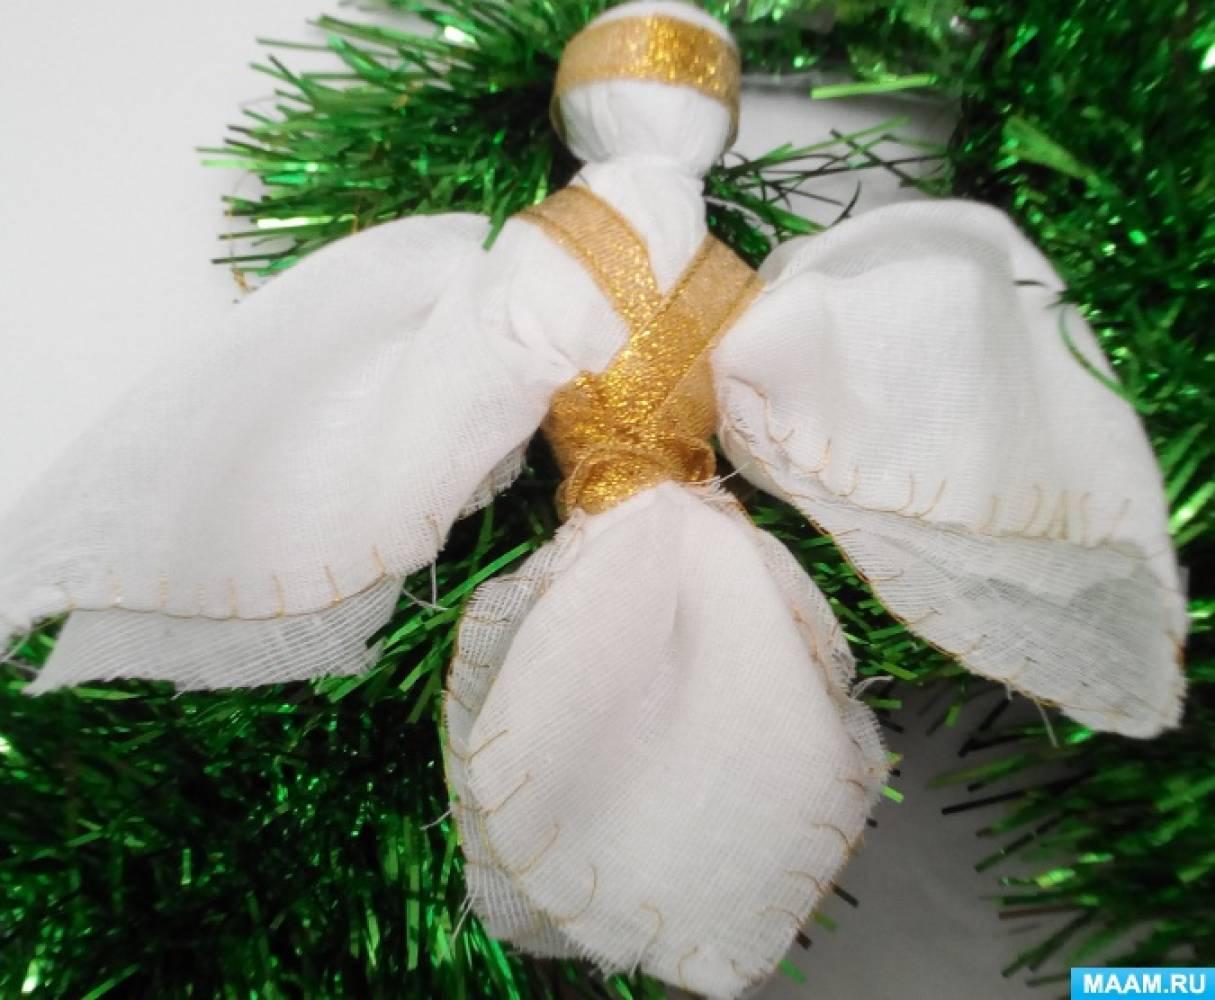 Мастер-класс «Изготовление сувенира «Рождественский Ангел» своими руками